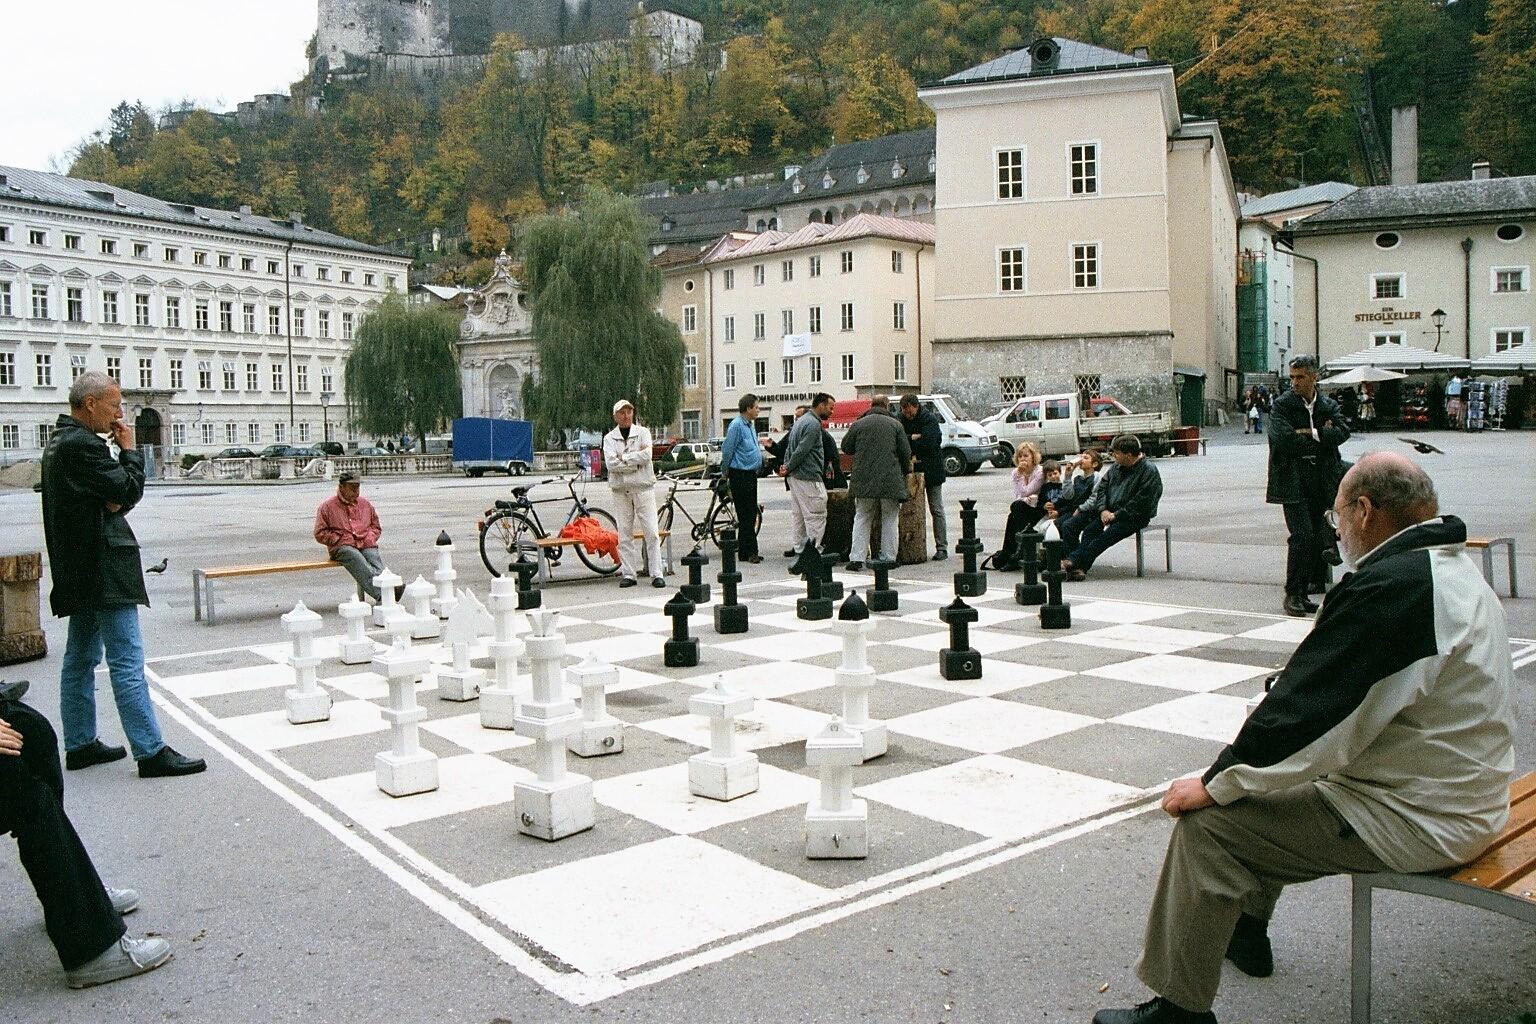 Austria—Harmonious, Rich, Aristocratic